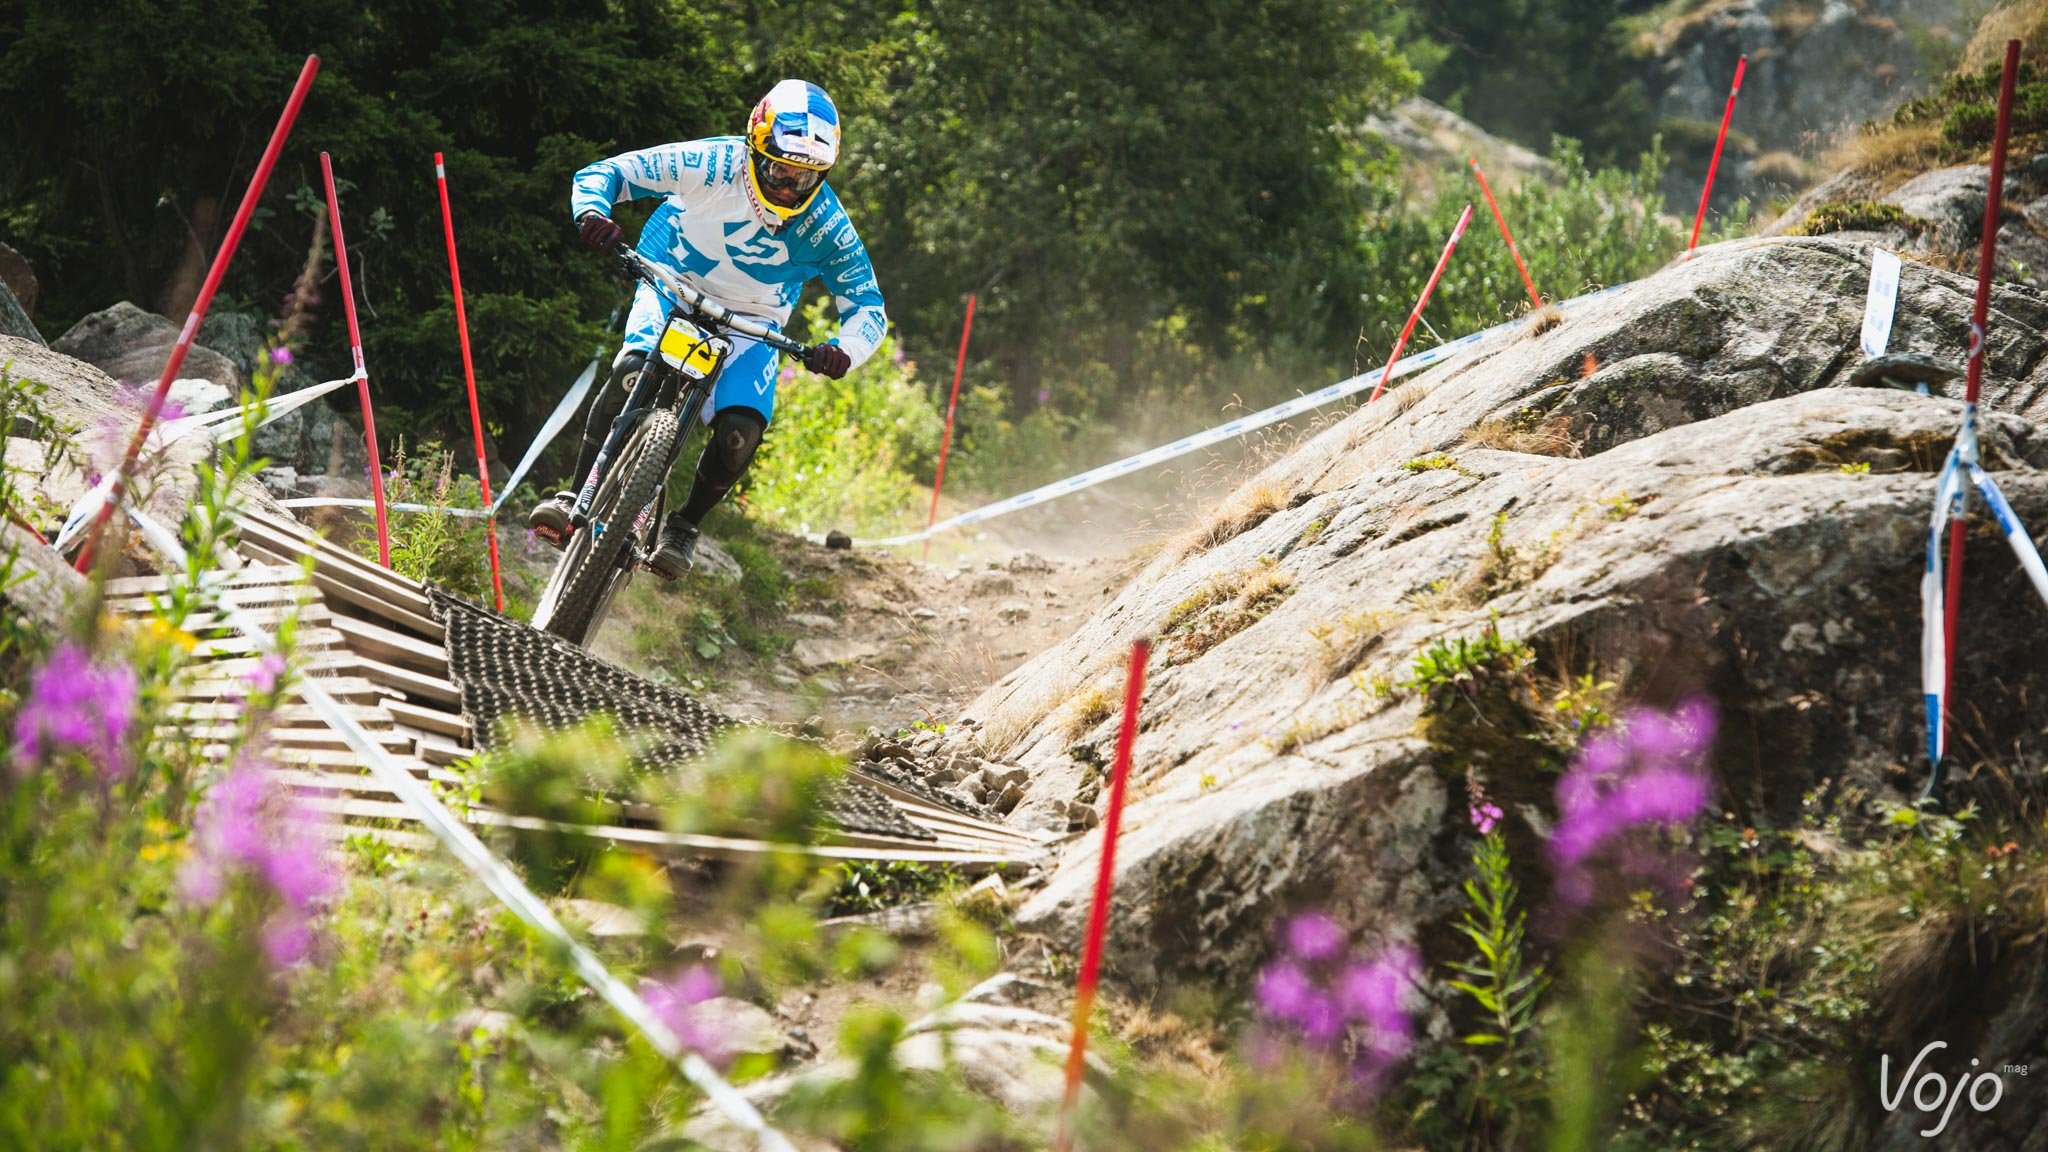 Championnats-de-france-2015-Oz-DH-finale-33